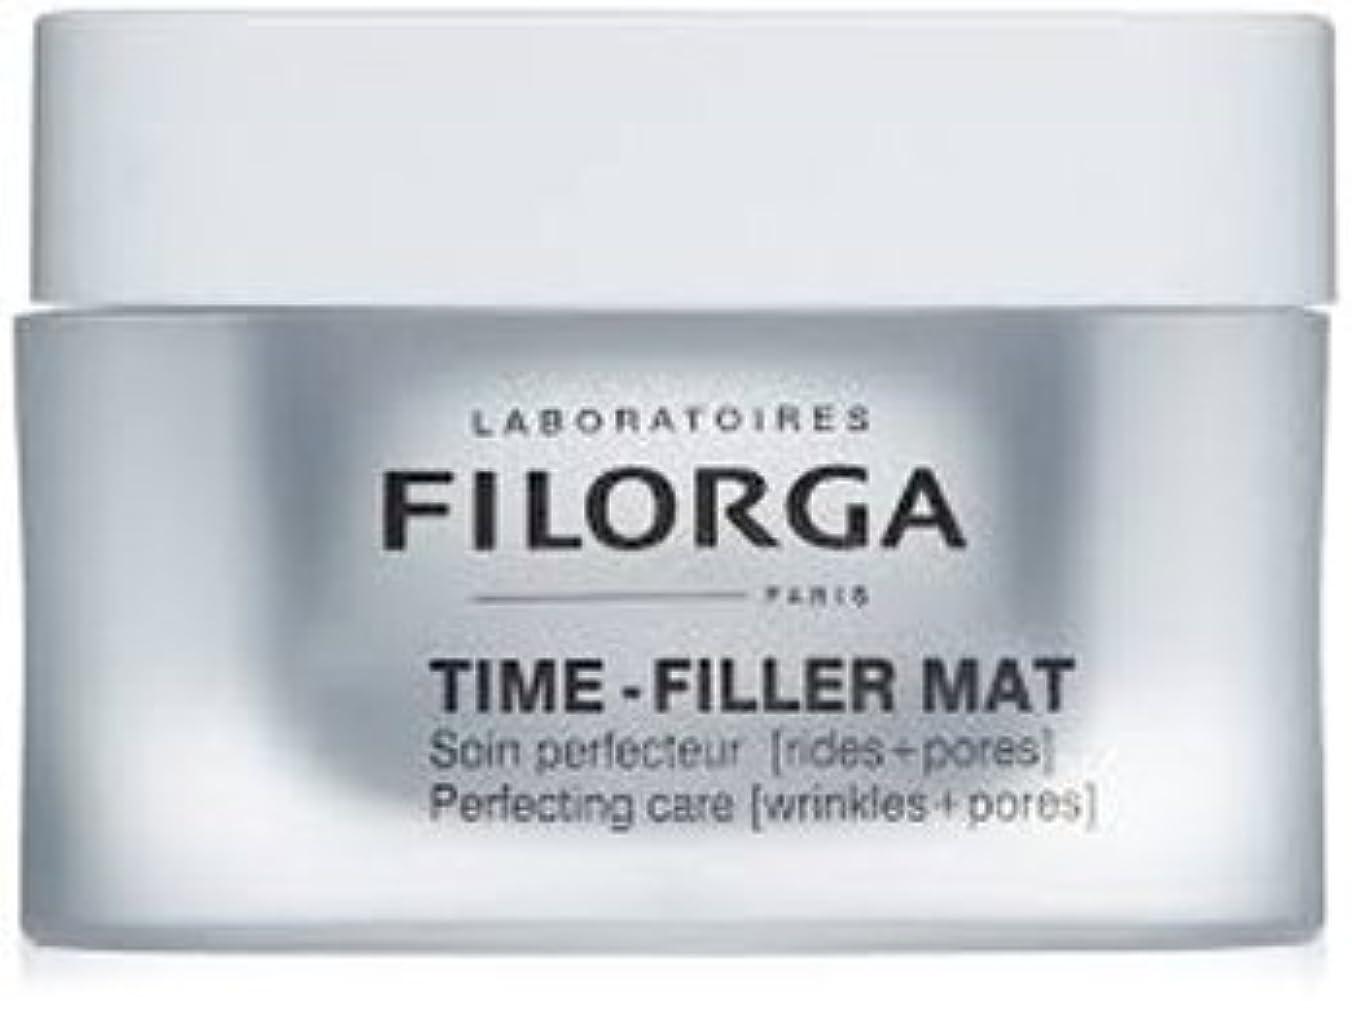 設計図チャンピオン全員[フィロルガ] タイムフィラーMAT TIME FILLER MAT 50ml [海外直送品][フランス直送品] [並行輸入品]